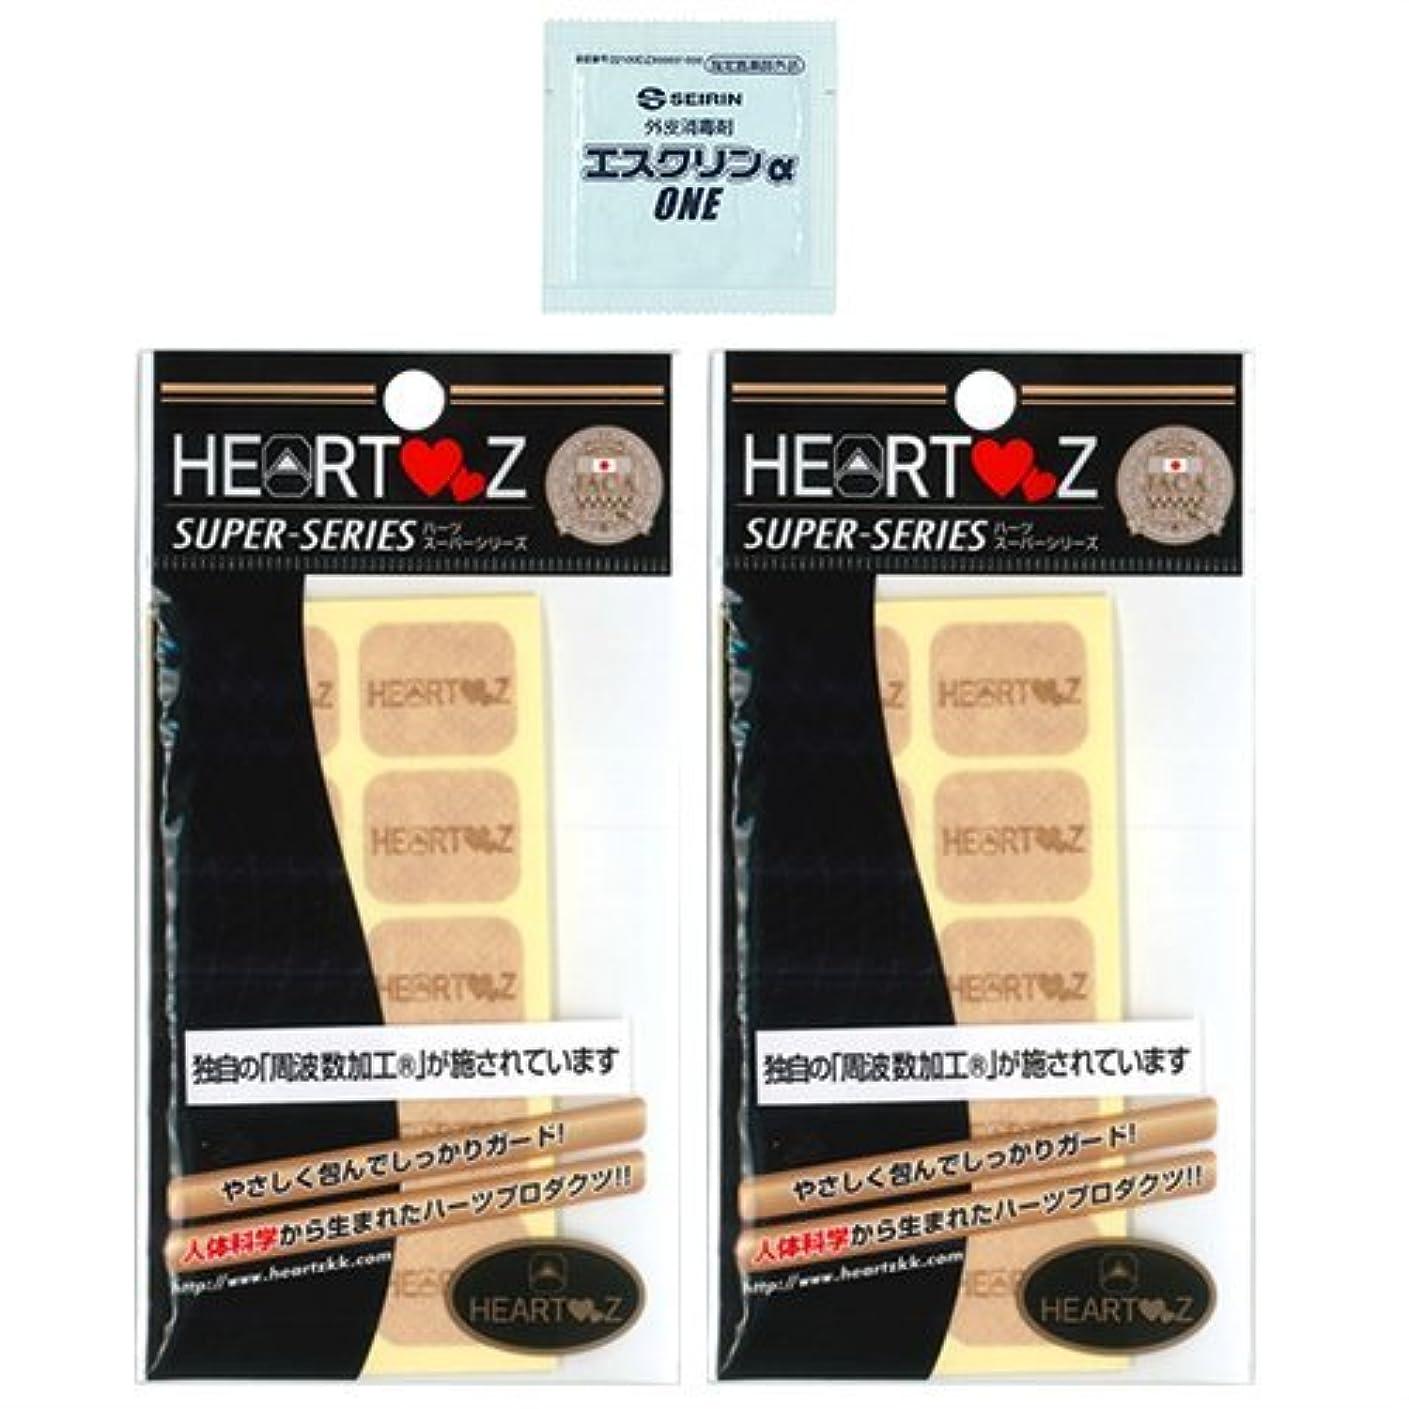 よりスラック気まぐれな【HEARTZ(ハーツ)】ハーツスーパーシール レギュラータイプ 80枚入×2個セット (計160枚) + エスクリンαONEx1個 セット